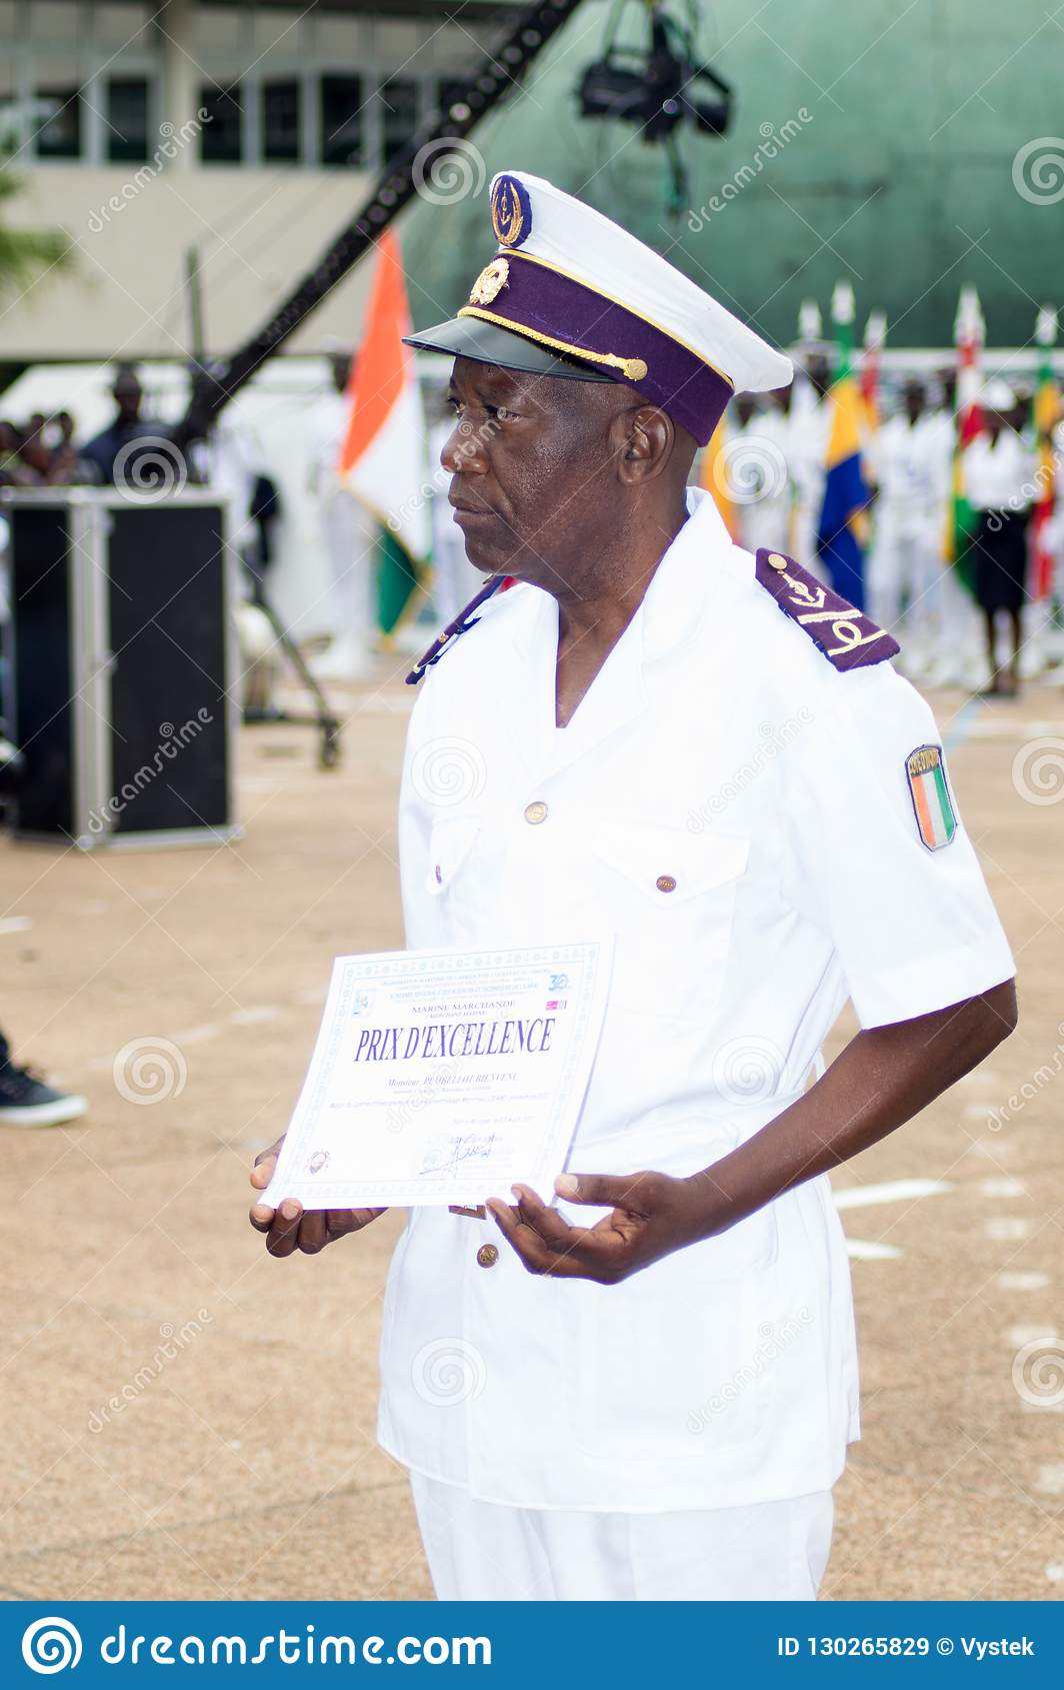 Obtention du diplôme à un officier de la marine